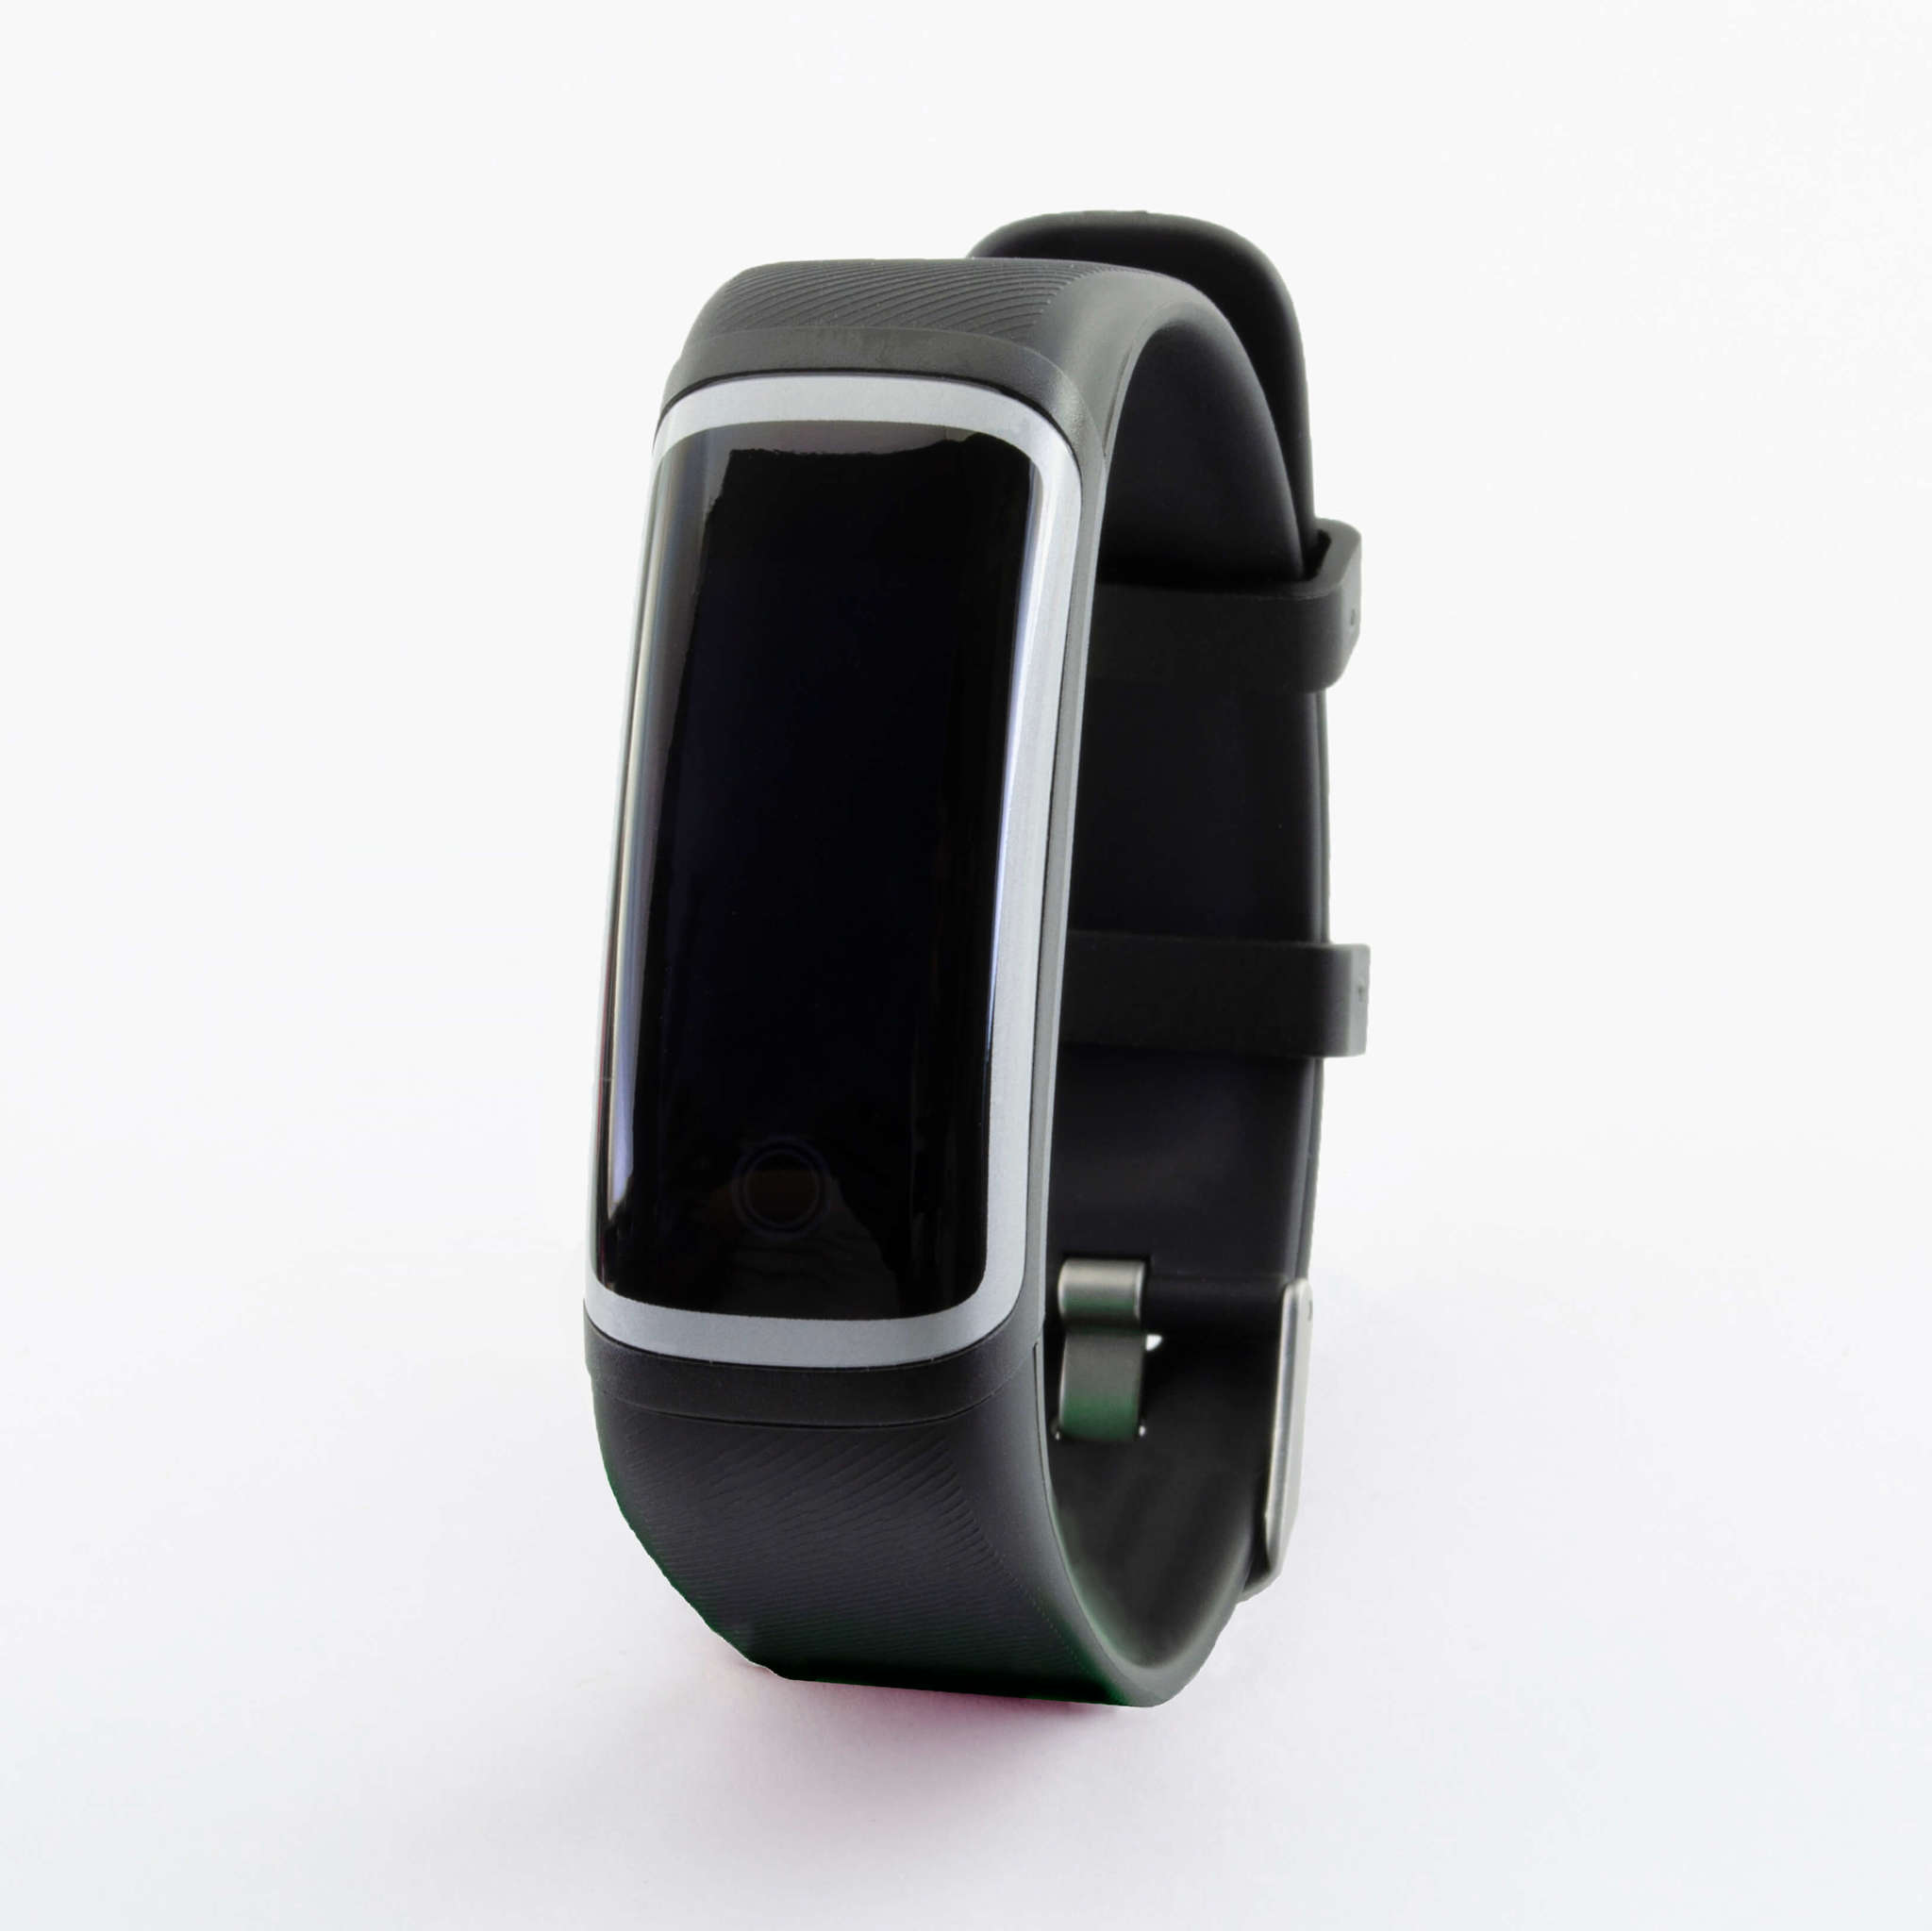 Браслет здоровья с автоматическим измерением температуры, давления, пульса и кислорода Health Band №4 (чёрно-серебристый)